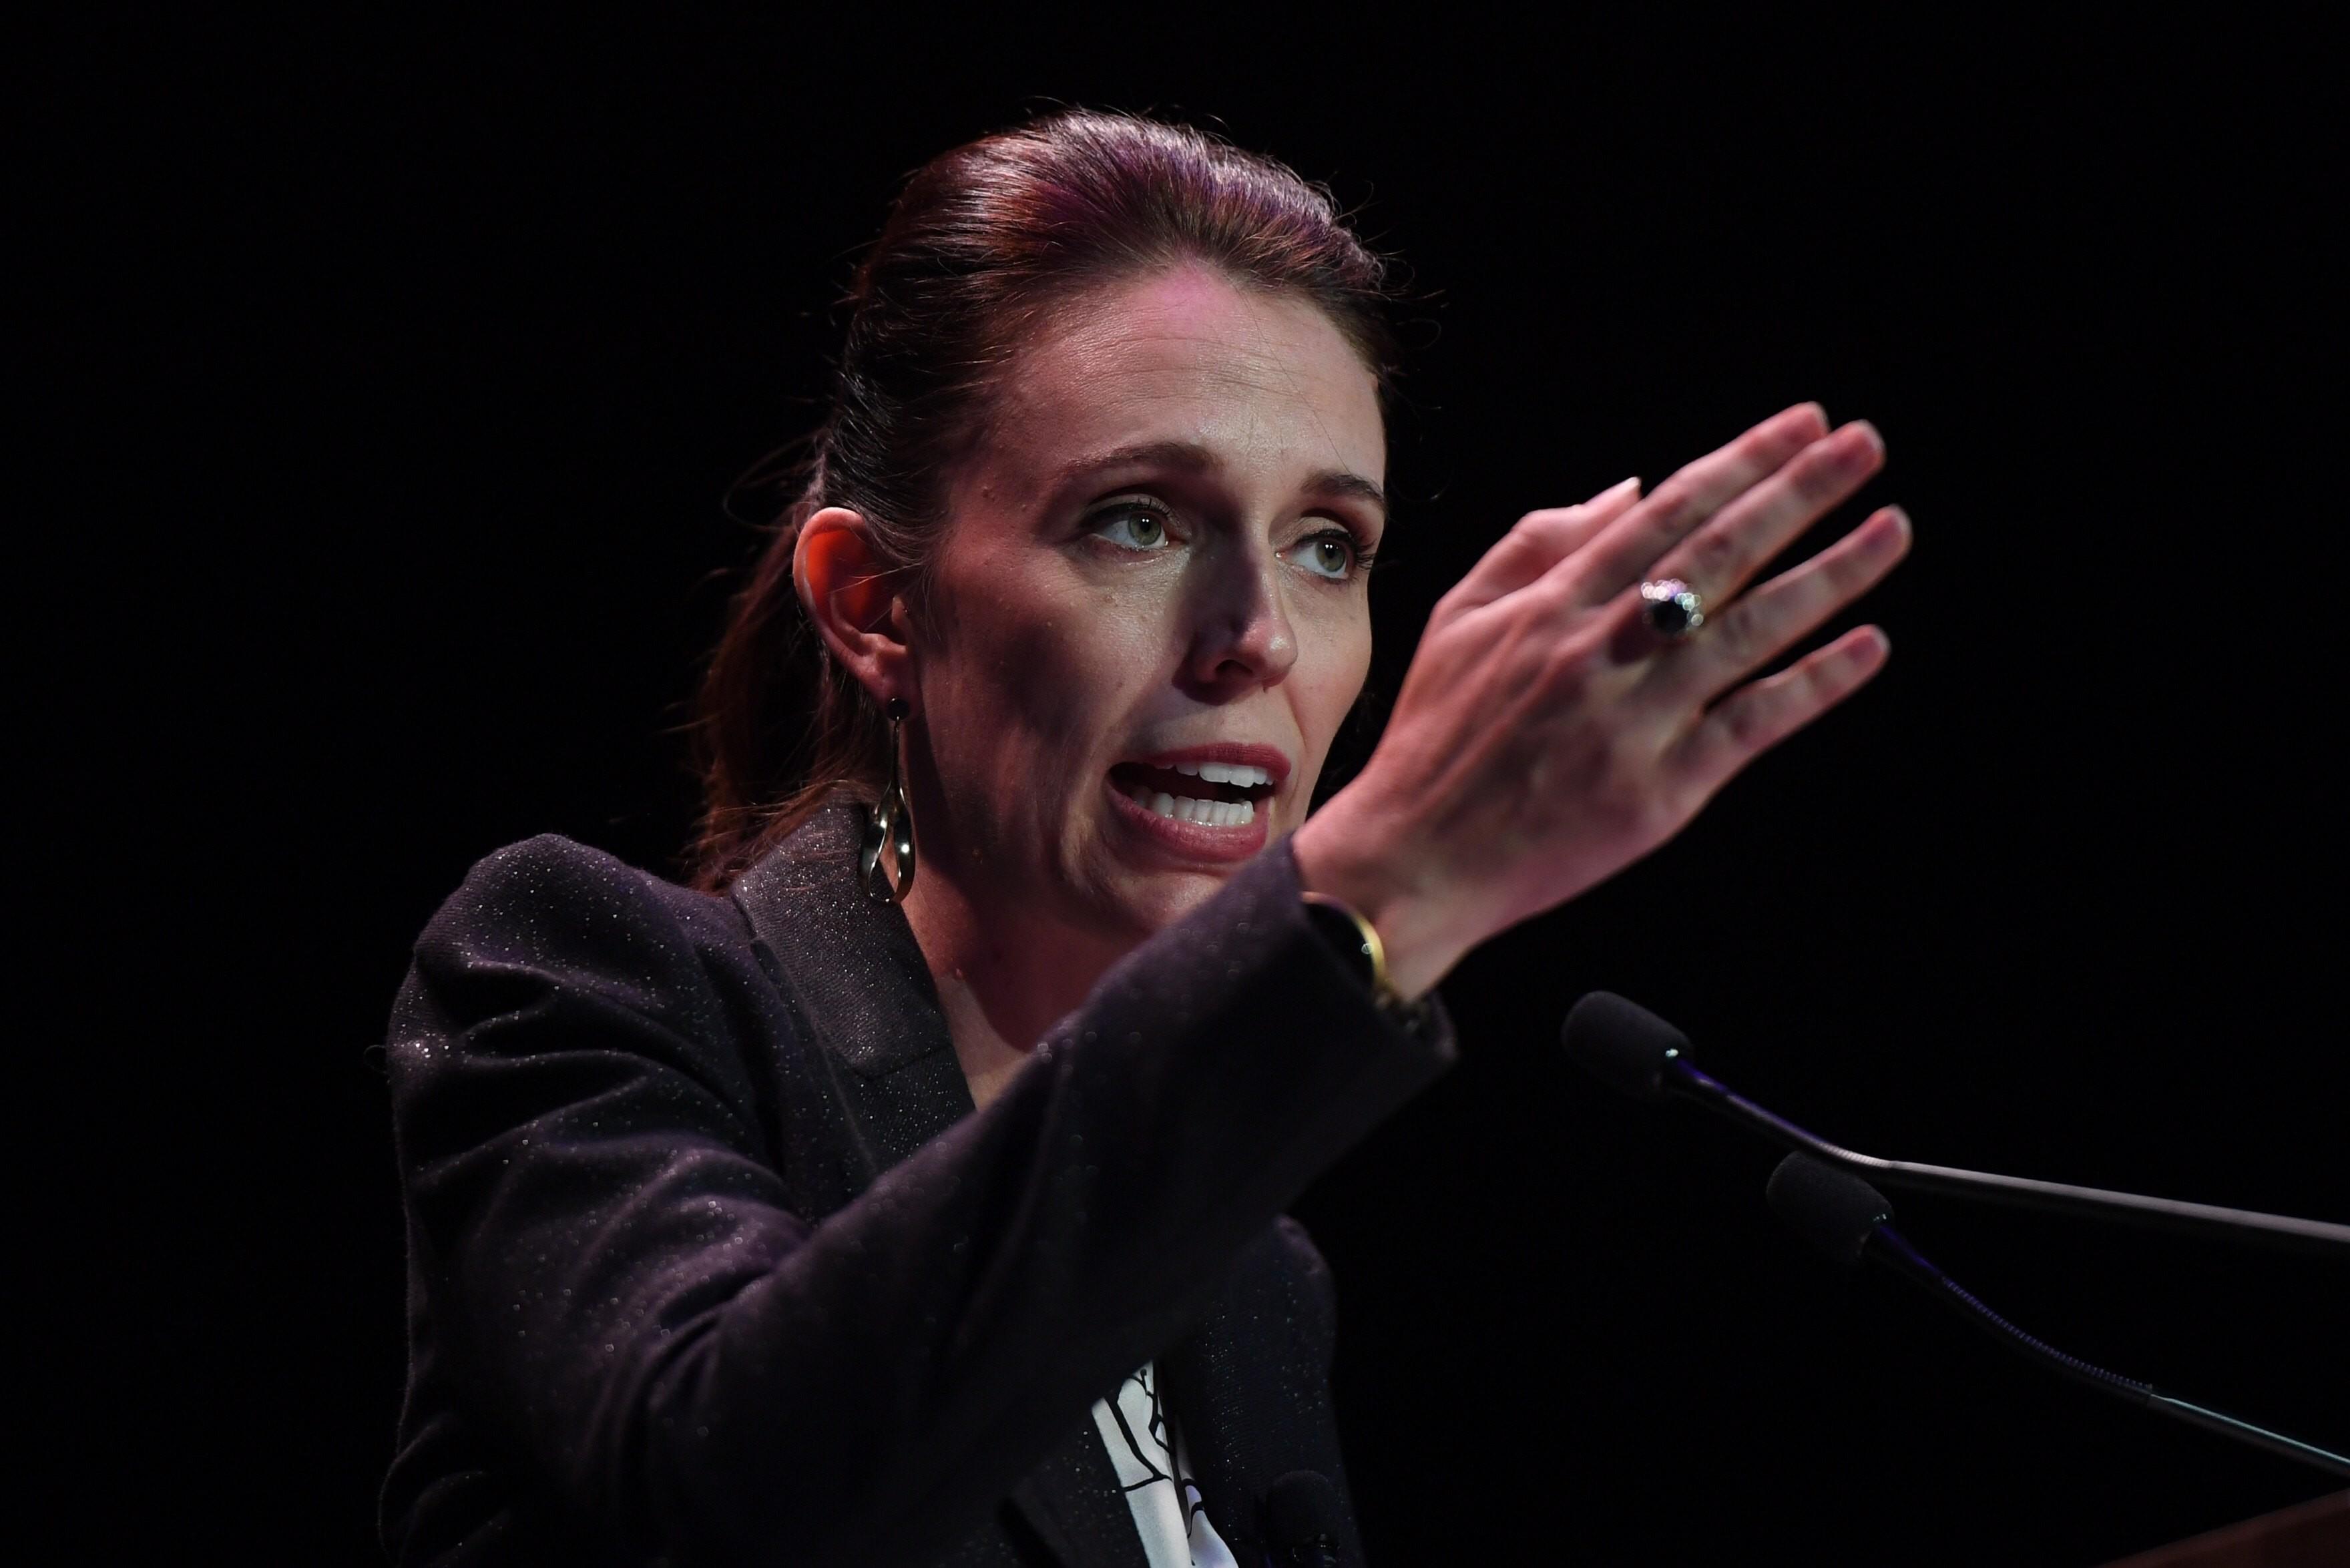 Noua Zeelandă spune că ar expulza spioni ruși, dar n-a găsit niciunul